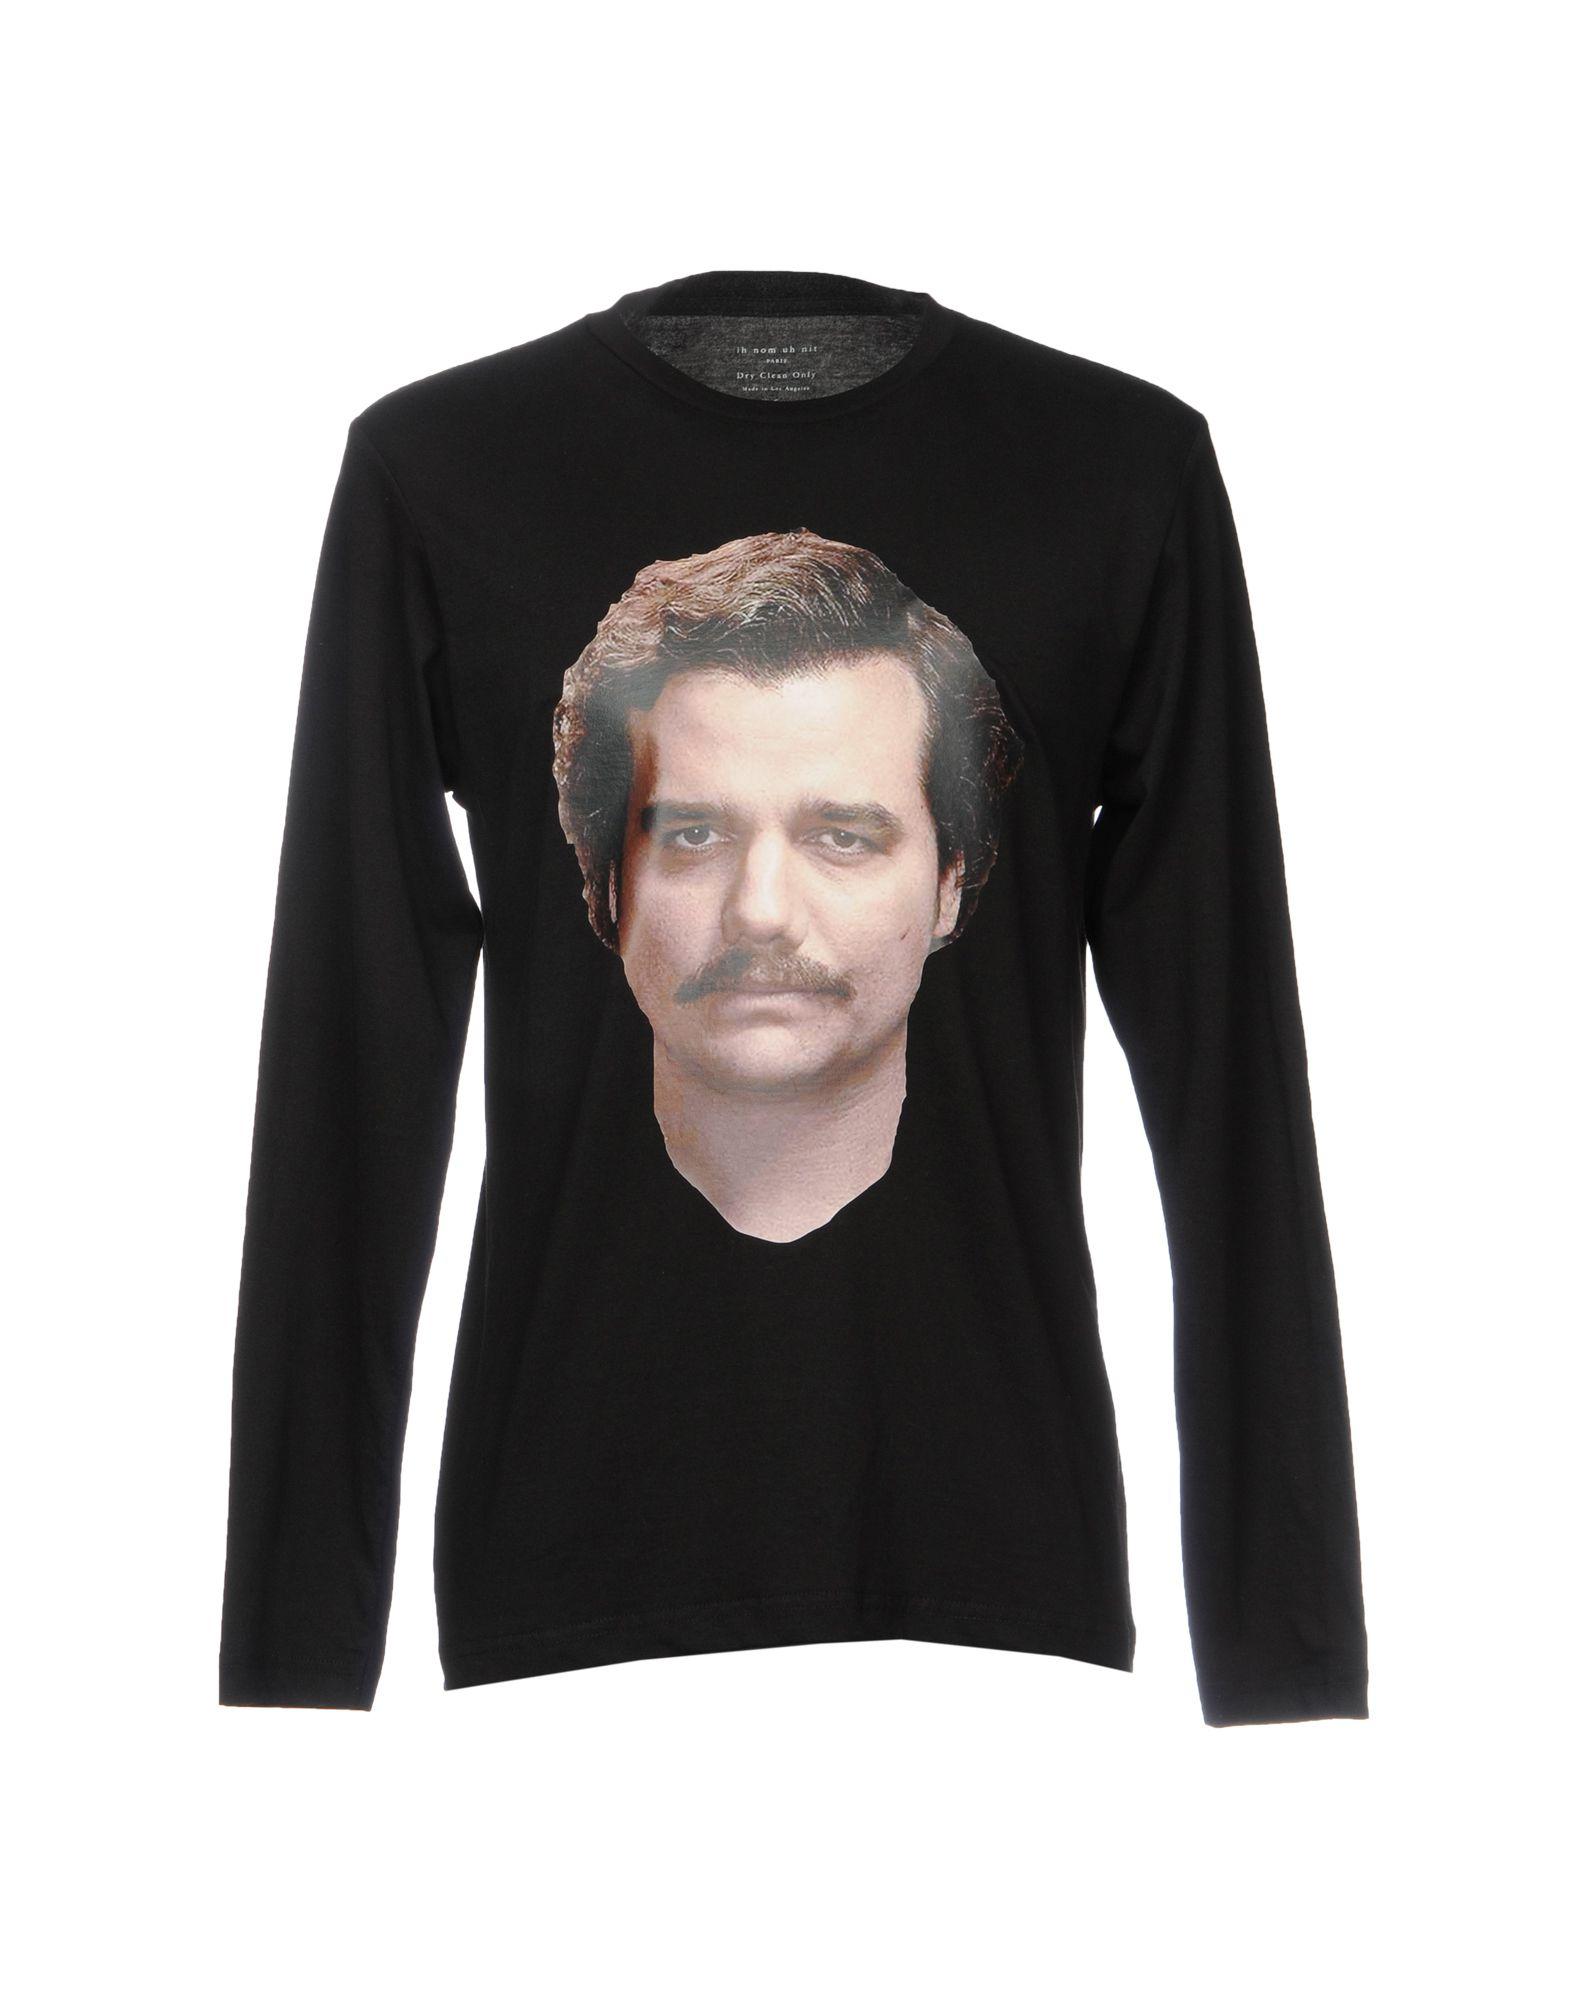 Фото - IH NOM UH NIT Футболка ih nom uh nit черная футболка с долларом